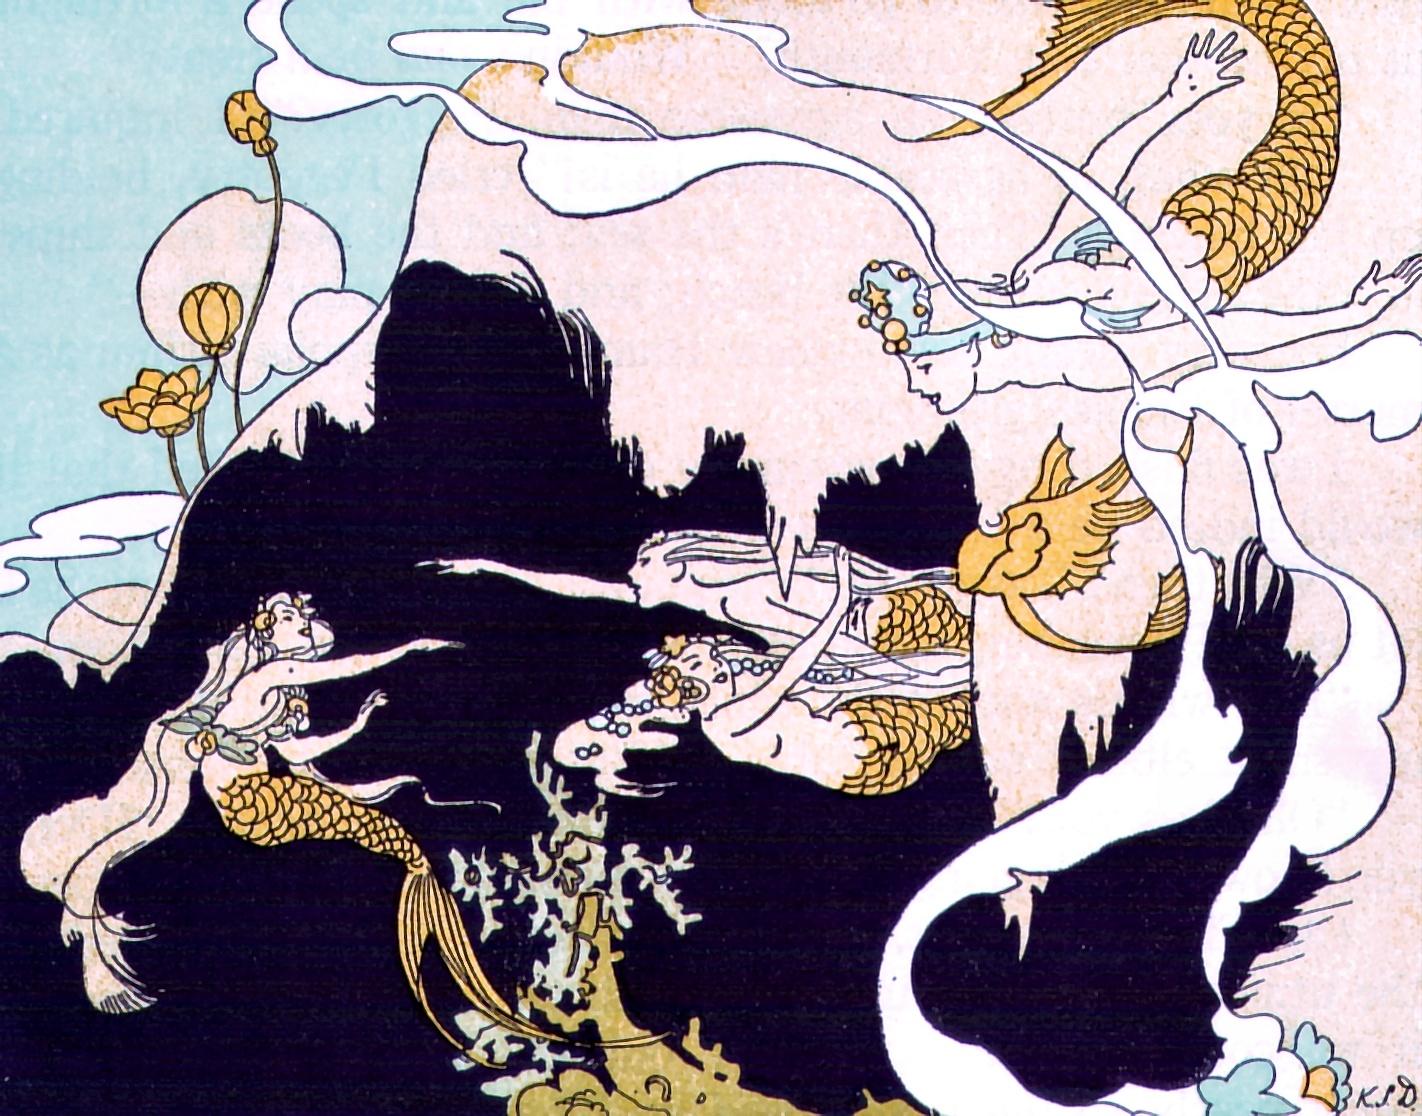 13194-vintage-illustration-of-mermaids-or.jpg